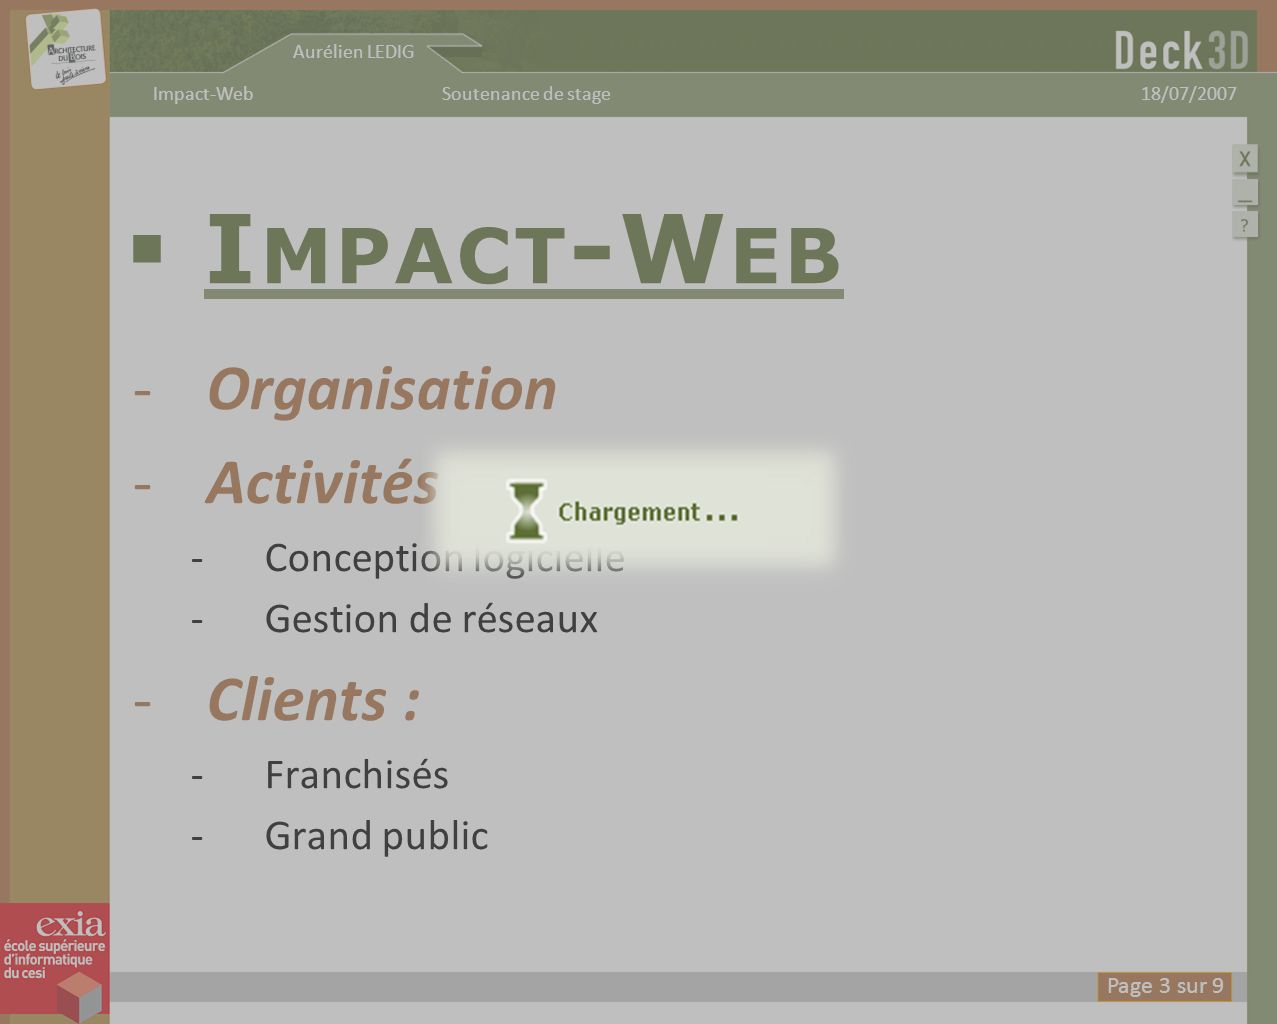 Impact-Web Organisation Activités : Clients : Conception logicielle